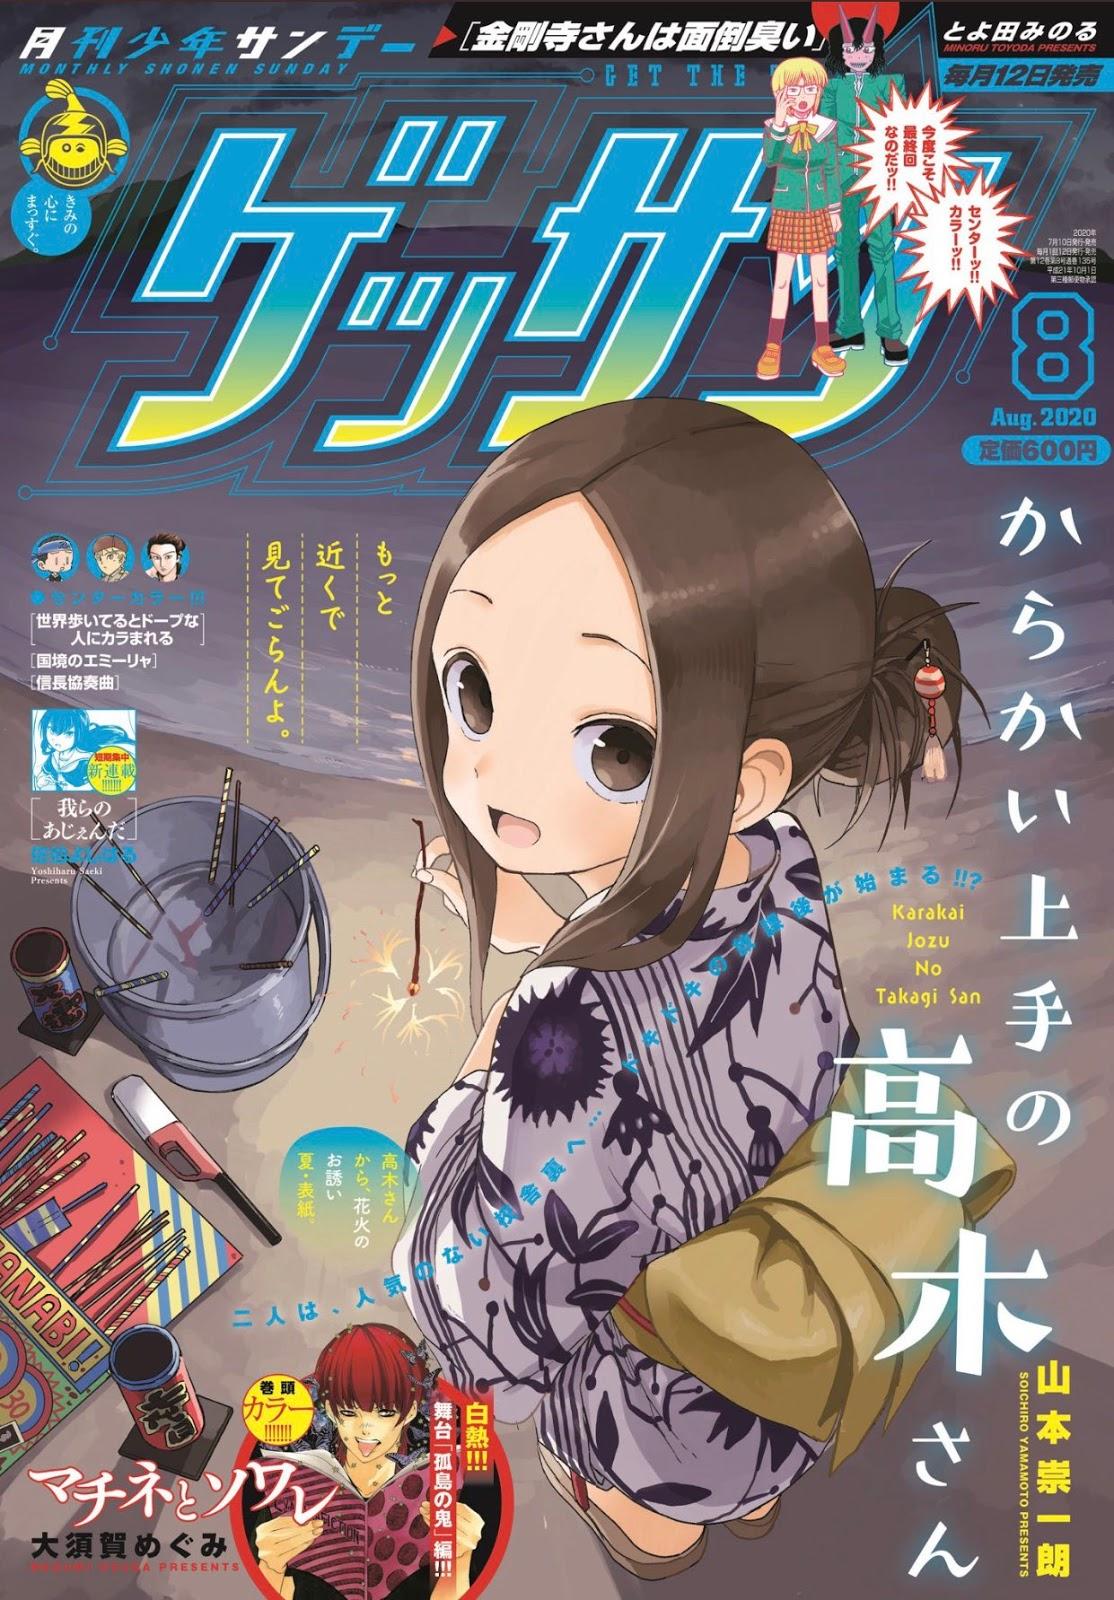 ゲッサン 2020年08月号 [Gessan August 2020 issue +RAR]